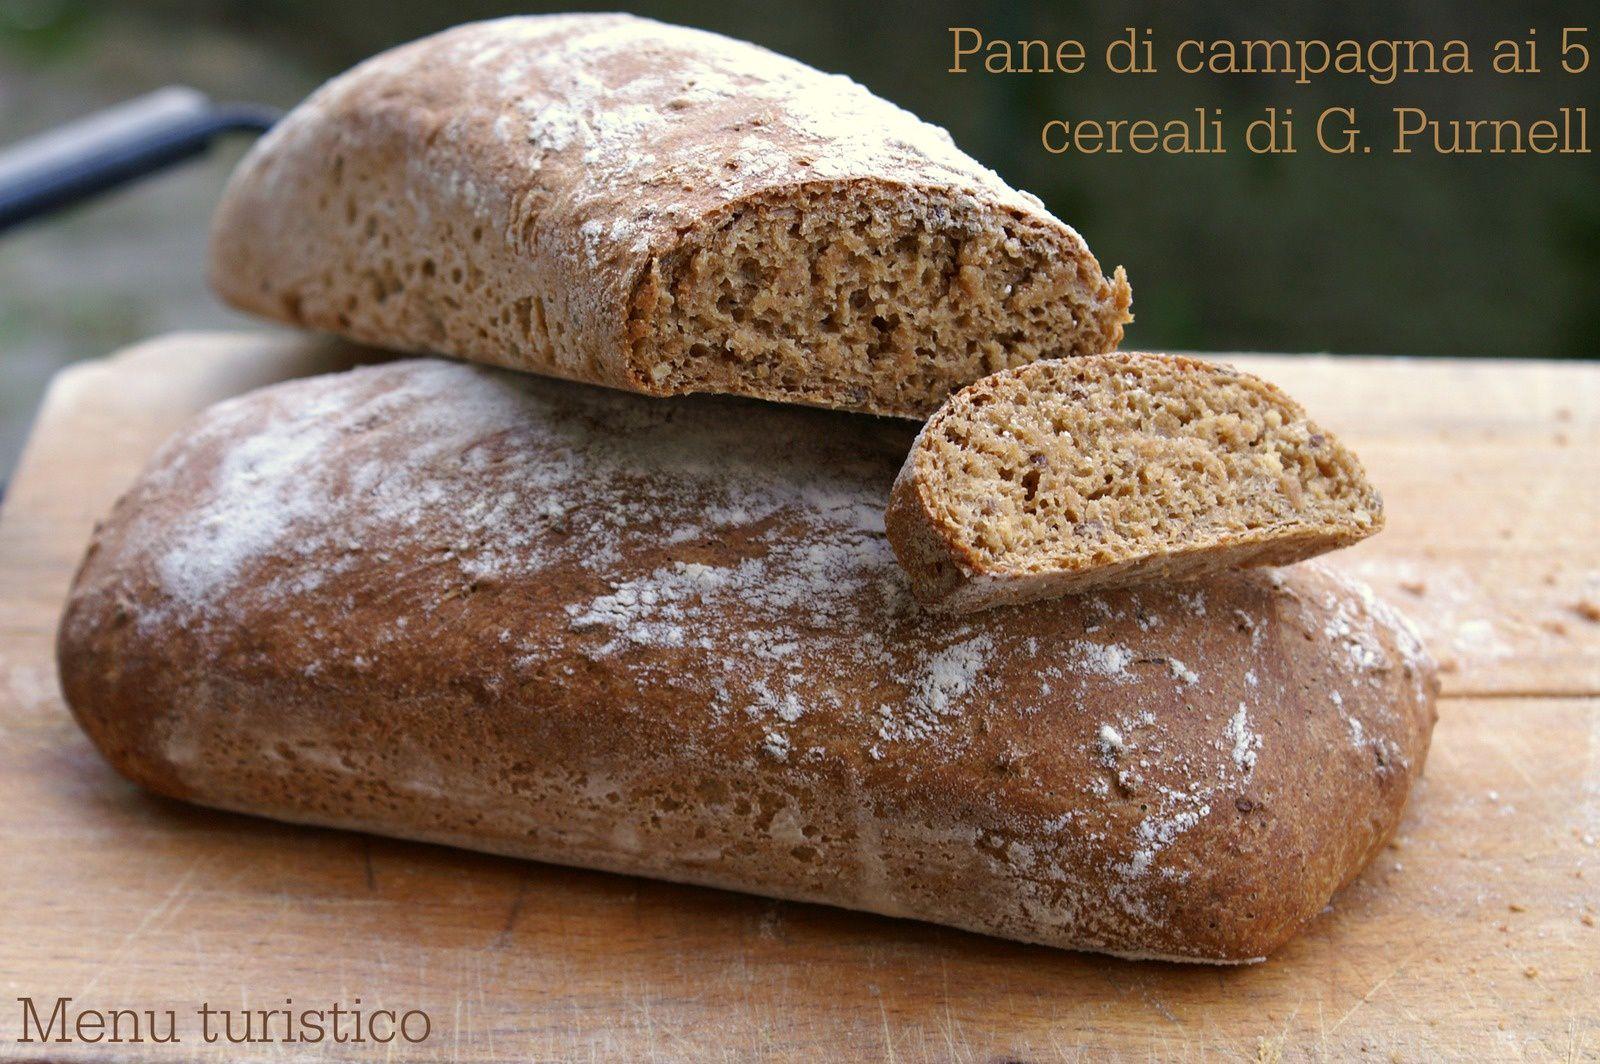 Il pane di campagna (ai 5 cereali) di G.Purnell e... l'influenza che stordisce.